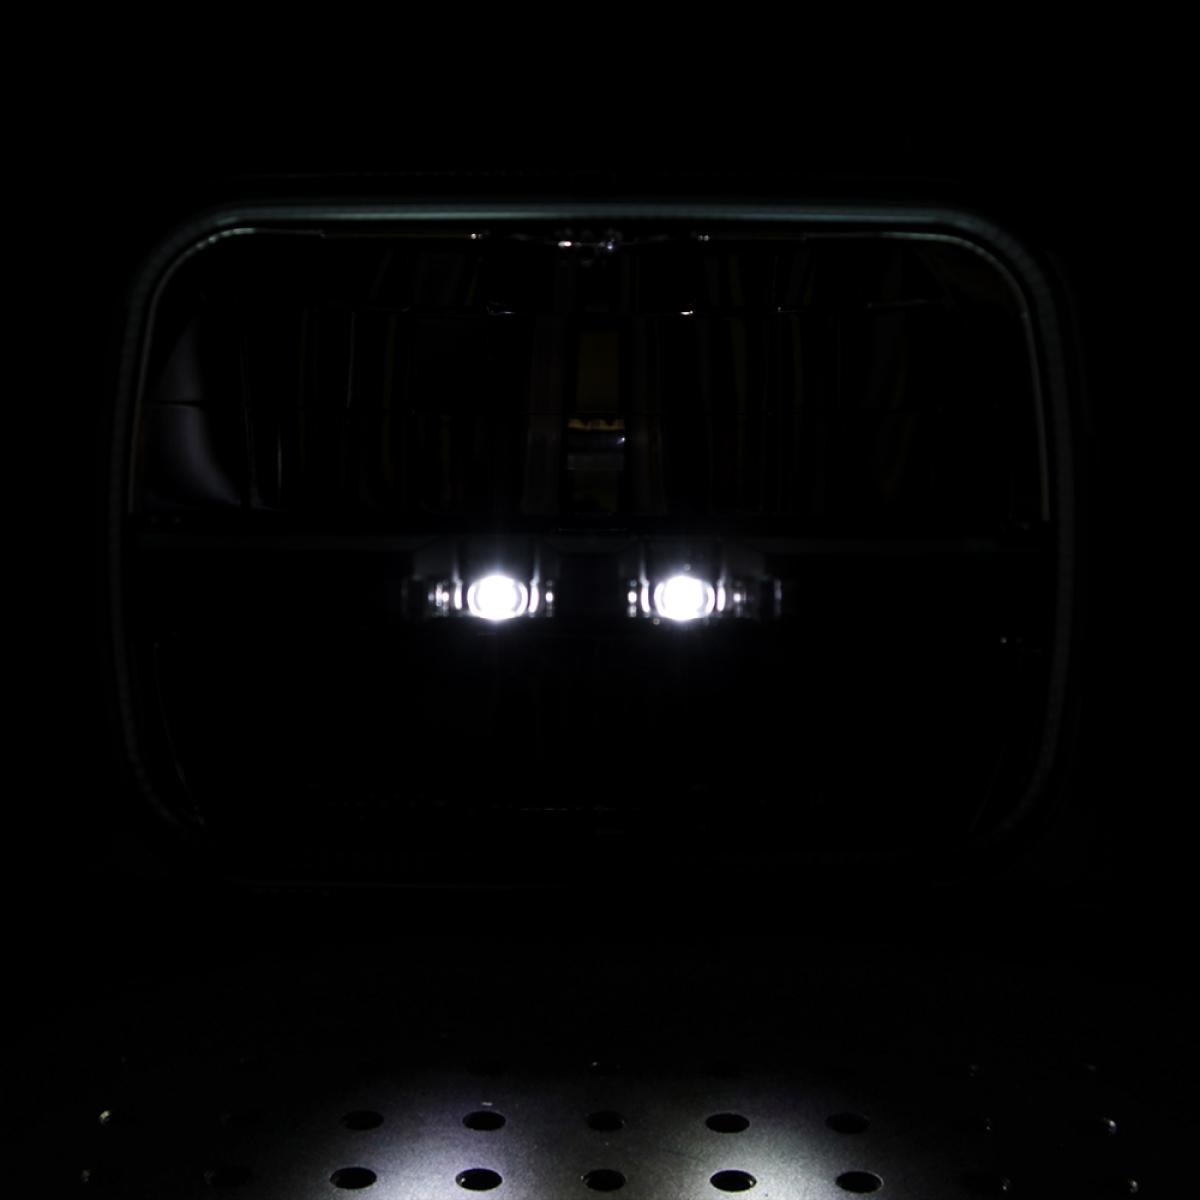 Lkw Tuning Beleuchtung | Scheinwerfer Led 14x20 Cm E Prufzeichen Truck Lite Jeep Cherokee Xj